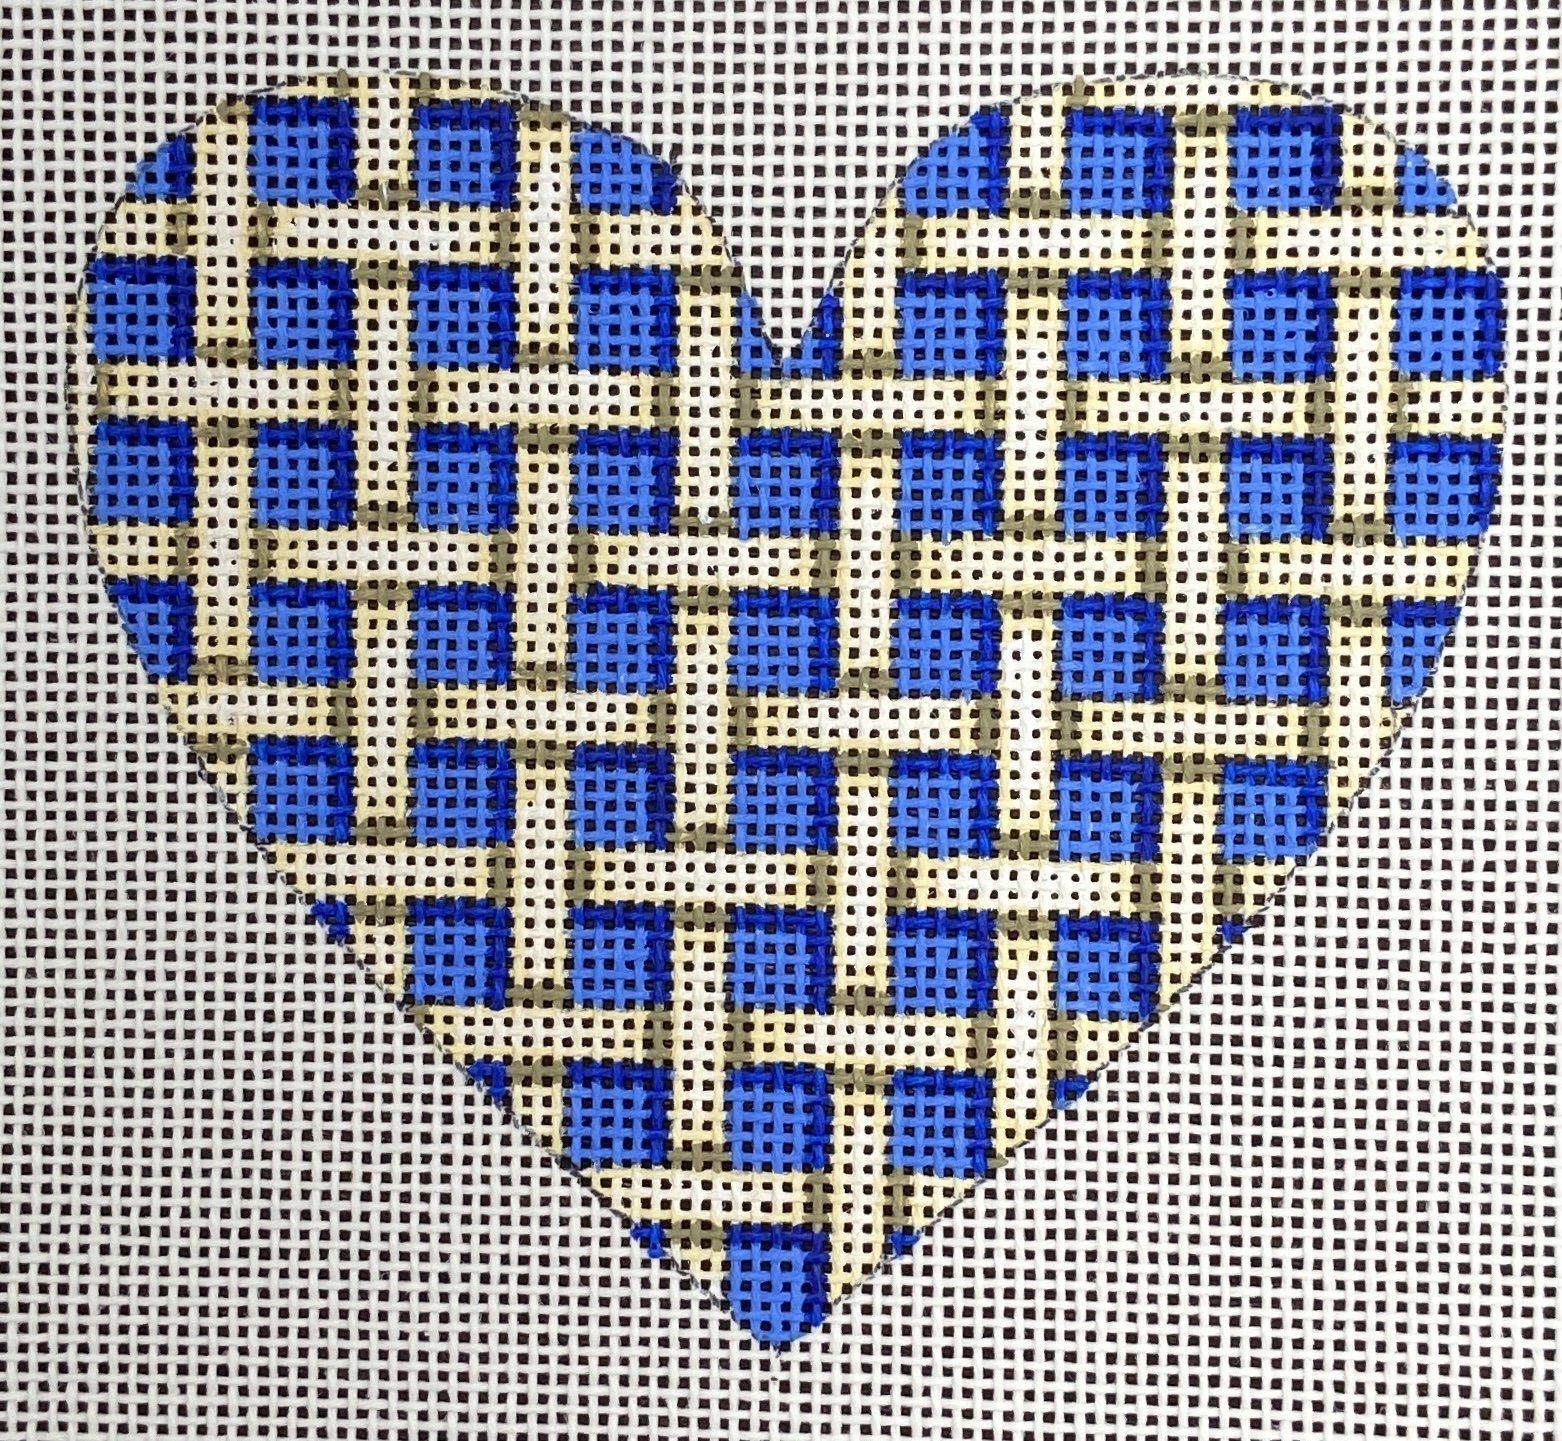 AWP413B Woven Blue and White Heart Ornament Ann Wheat Pace